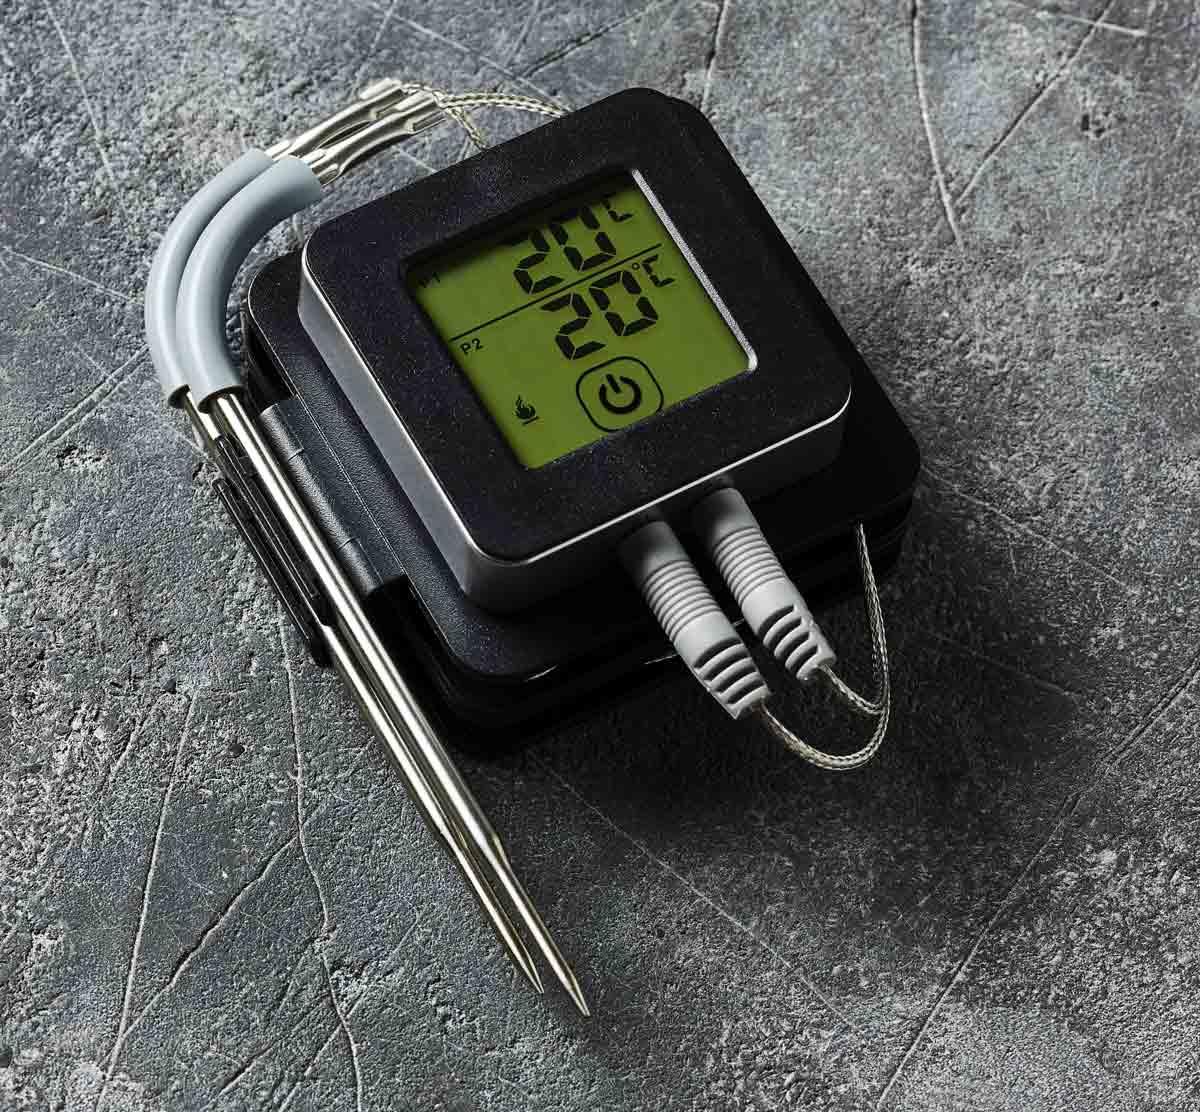 Bluetooth Grill-Thermometer Fleisch-Thermometer mit APP-Steuerung Orange 60690001 – Bild 2